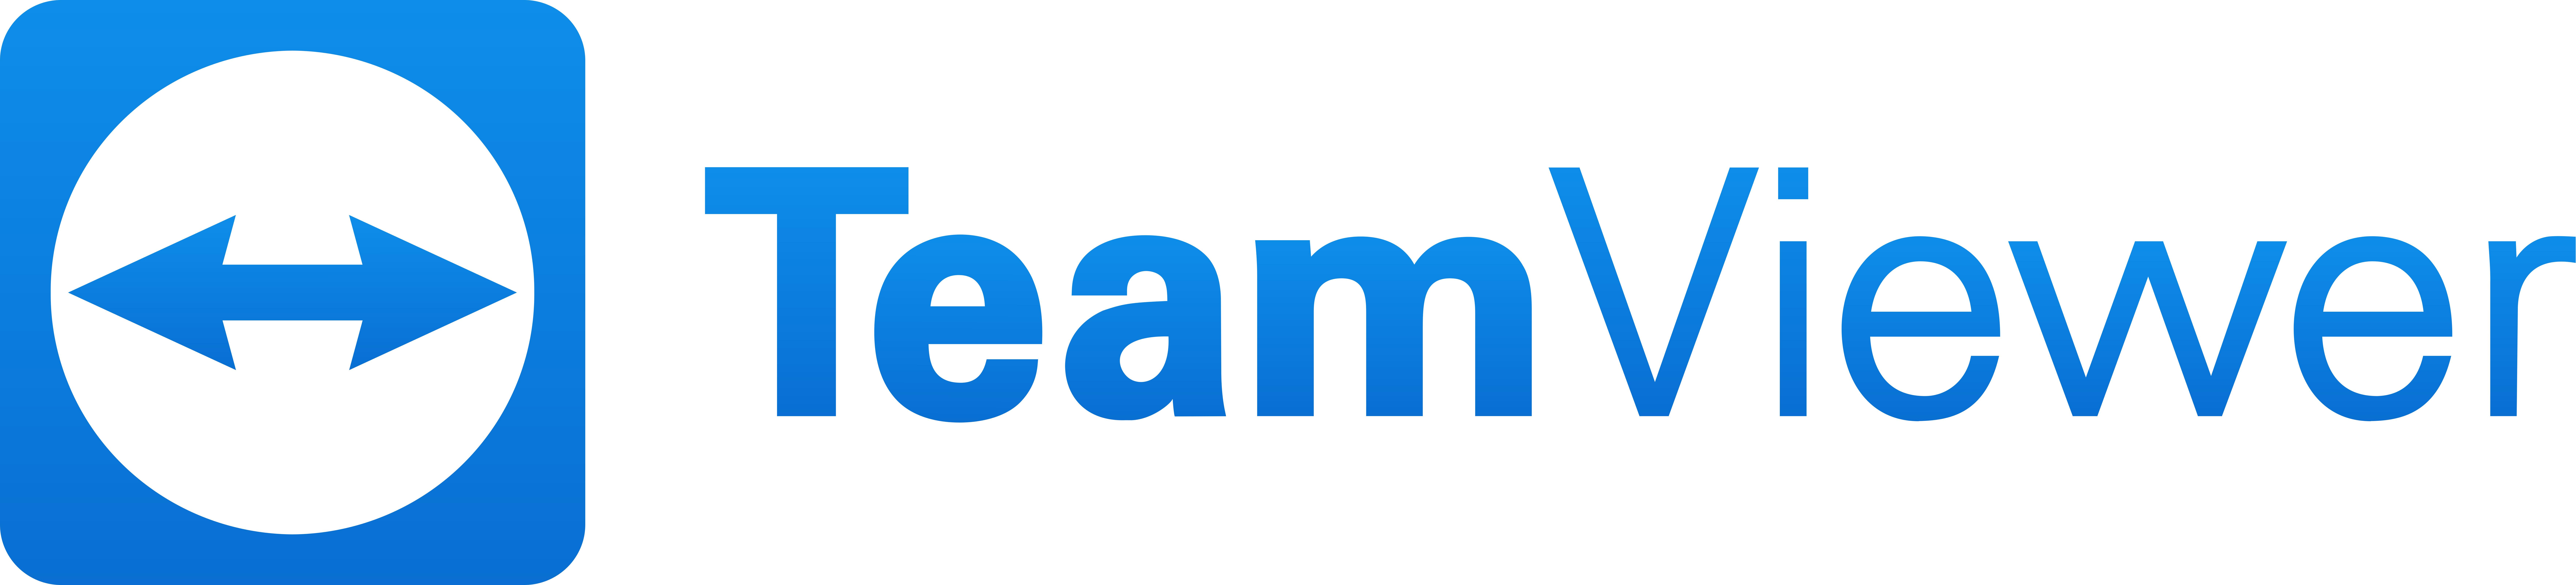 teamviewer-logo.jpg